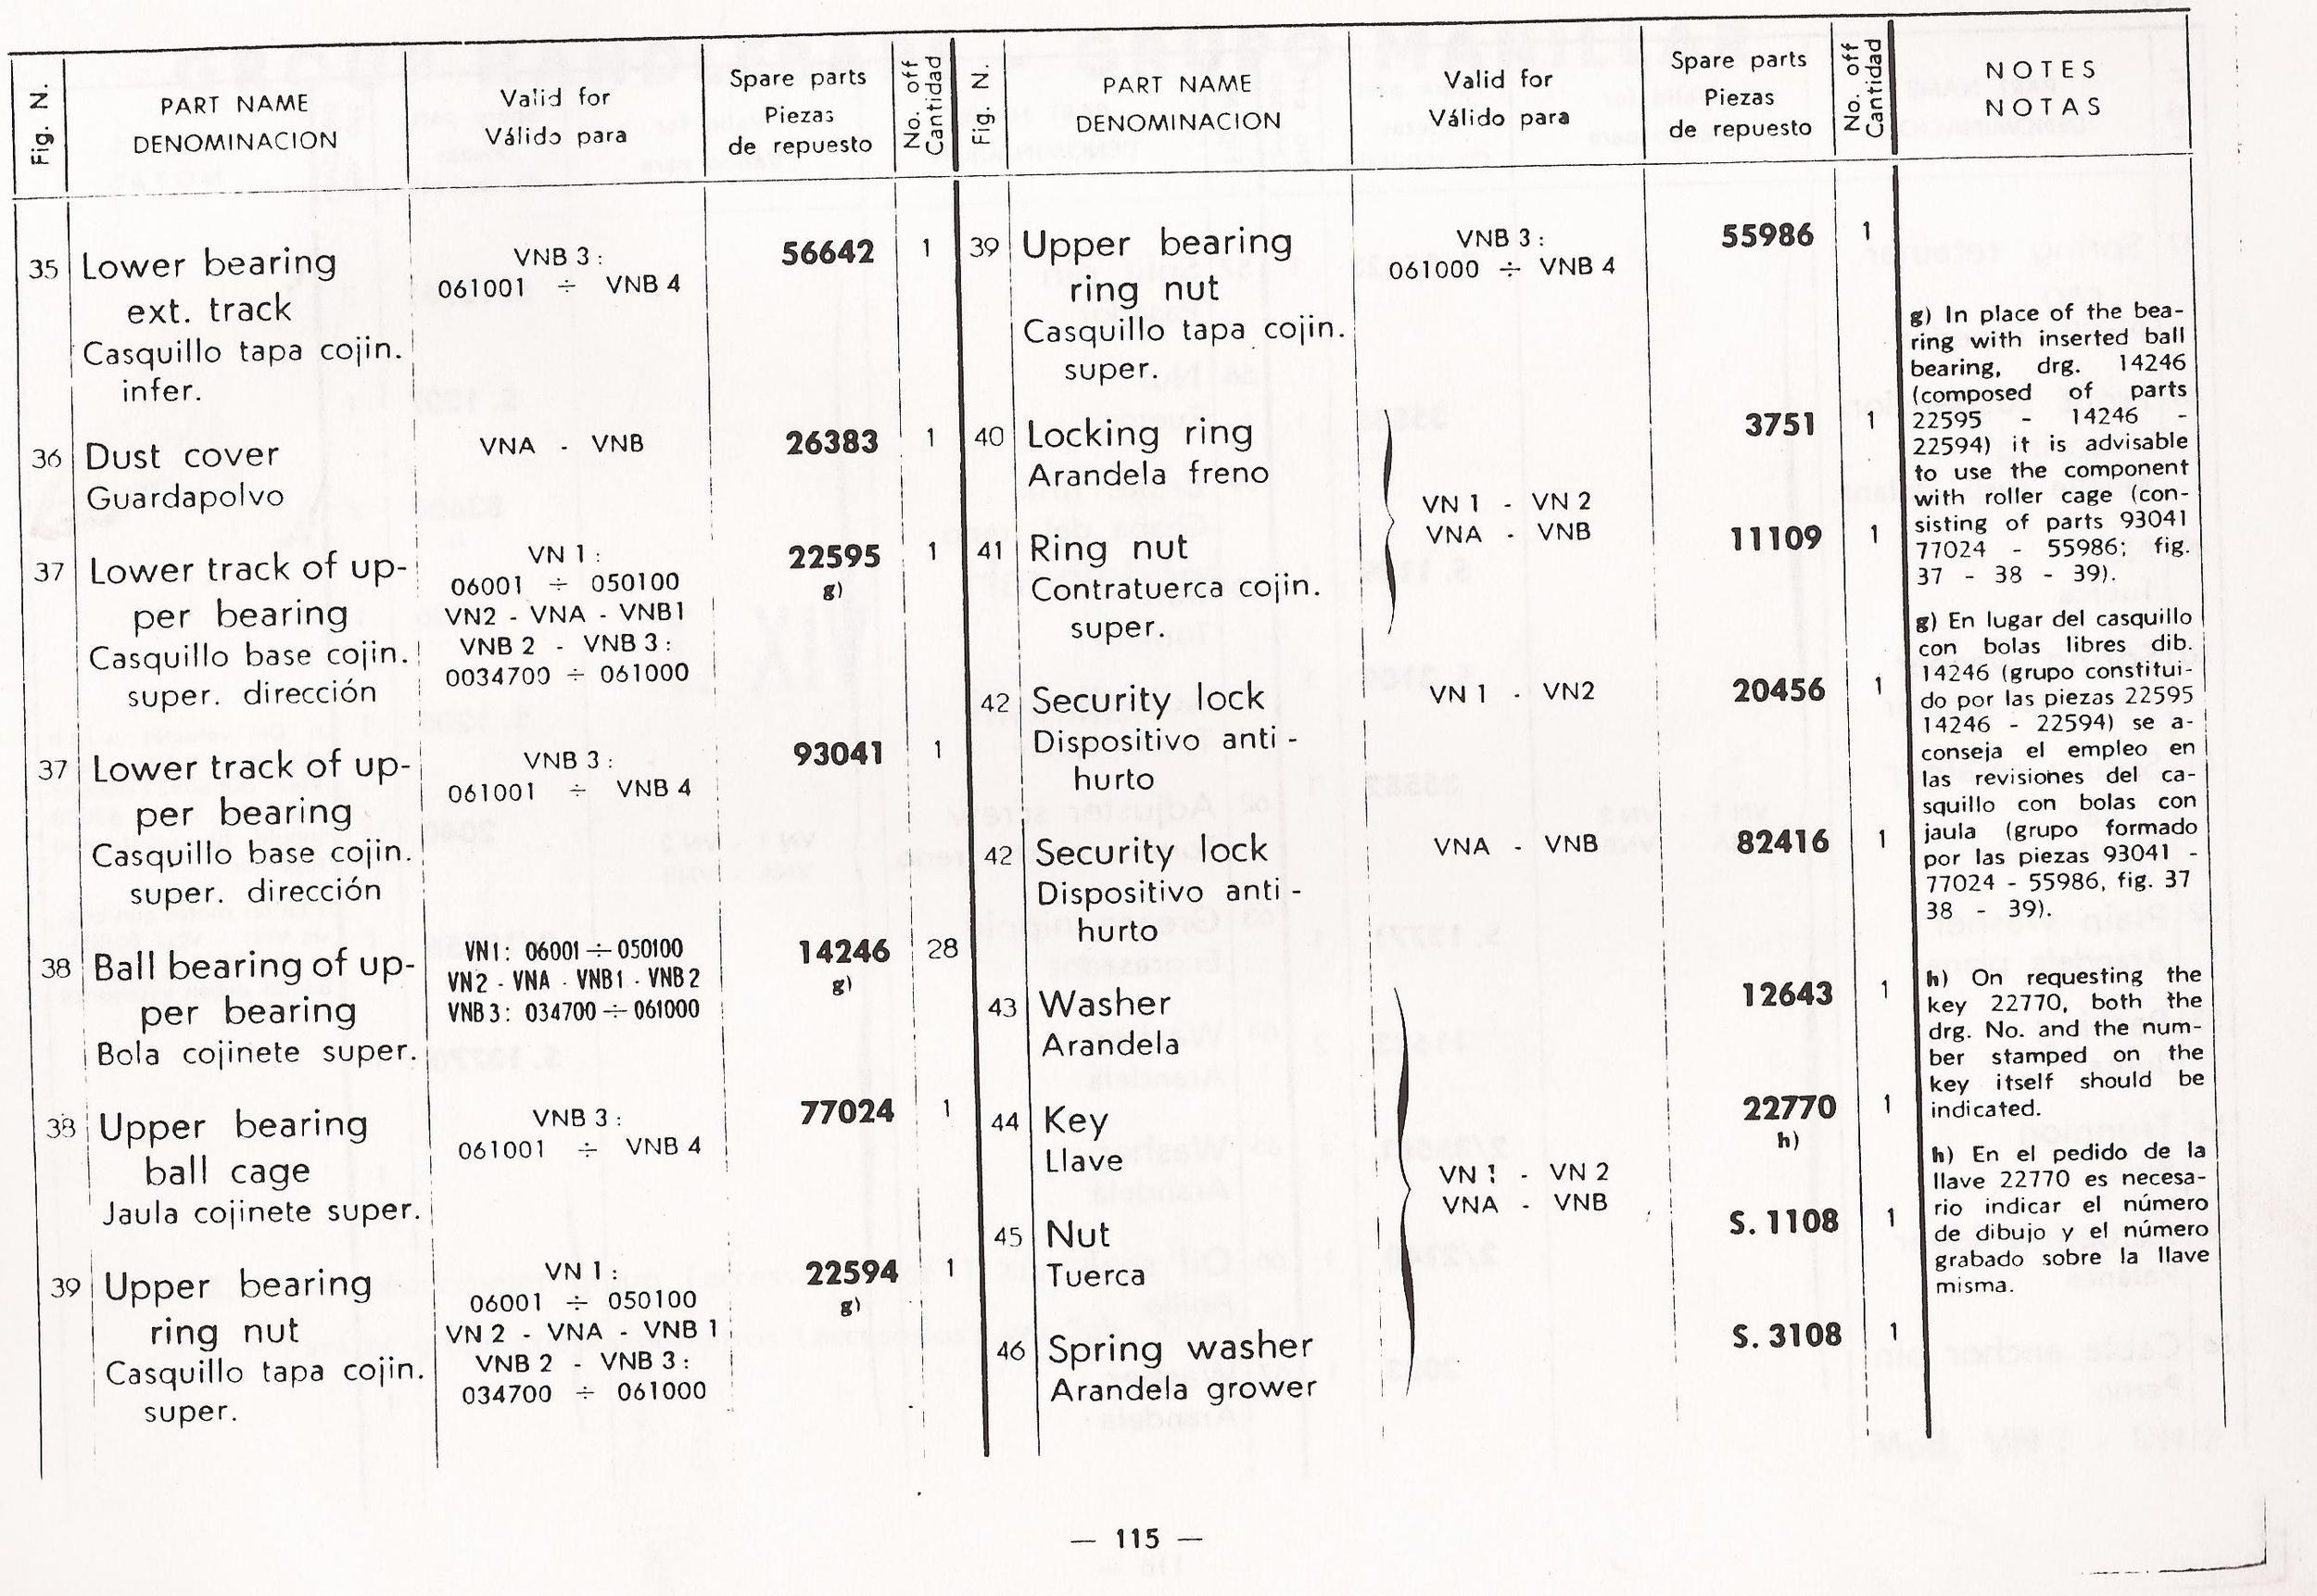 07-16-2013 vespa 125 catalog manuel 122.jpg